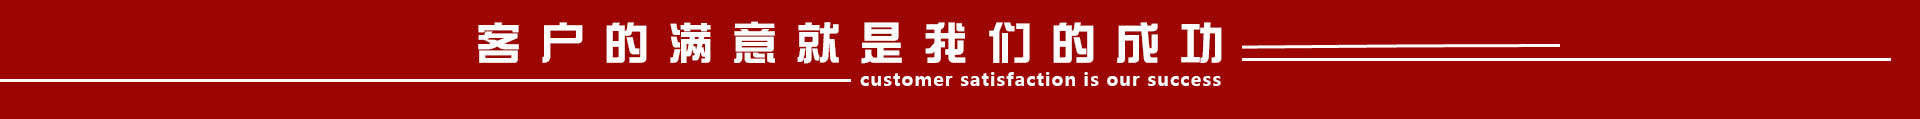 客户的满意就是我们的成功